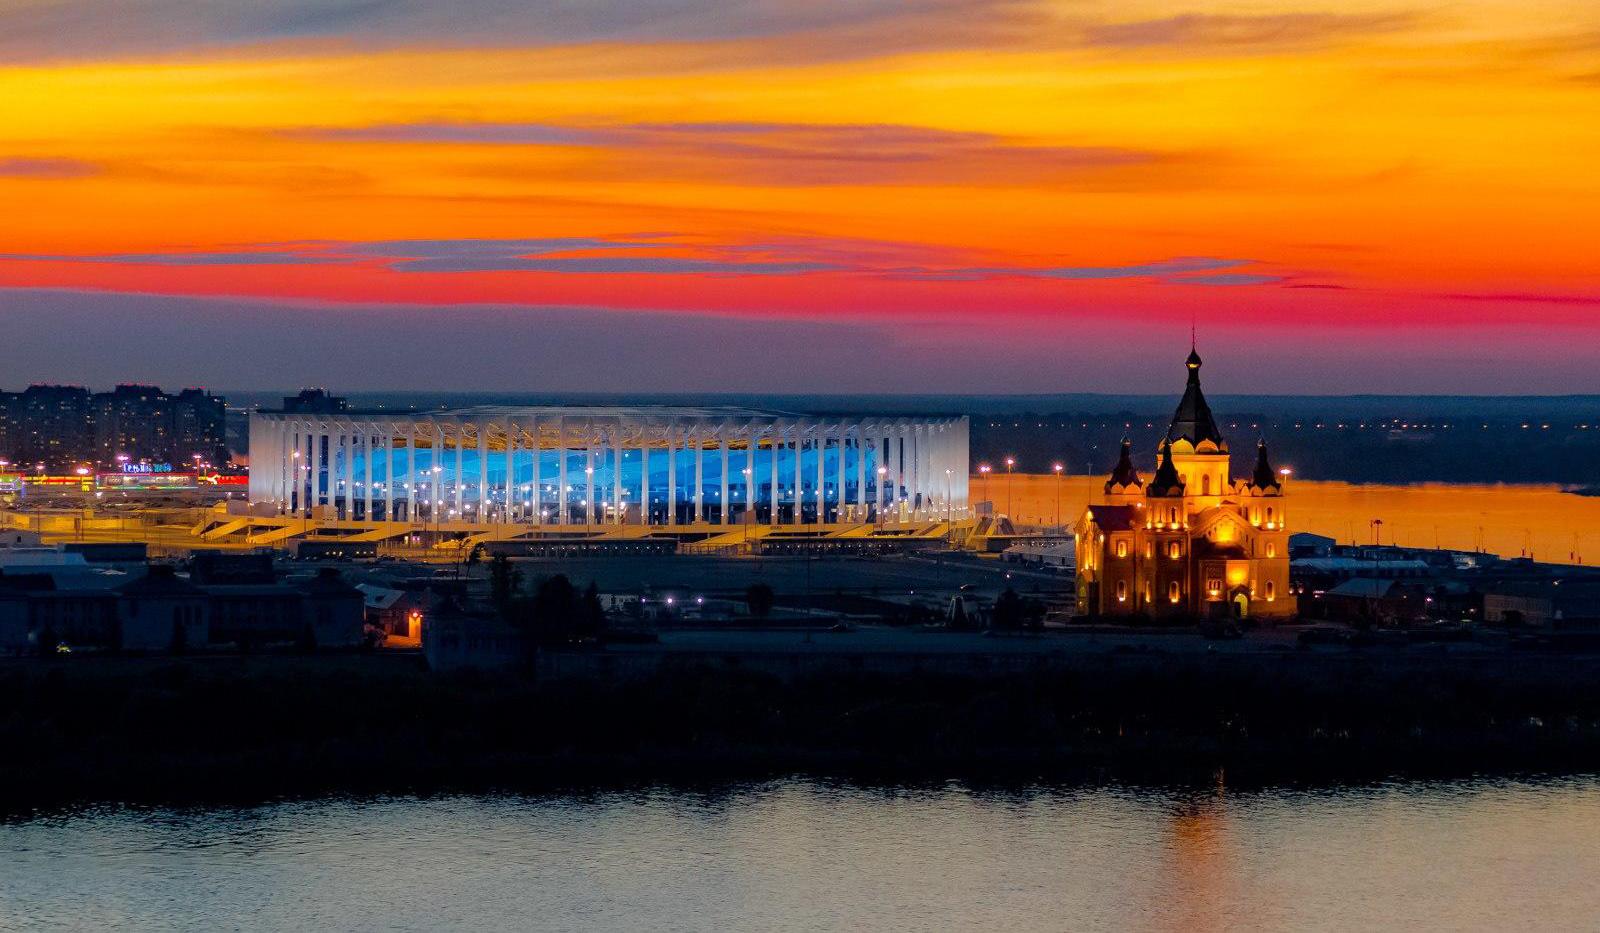 Достопримечательности Нижнего Новгорода: топ-30 красивых мест